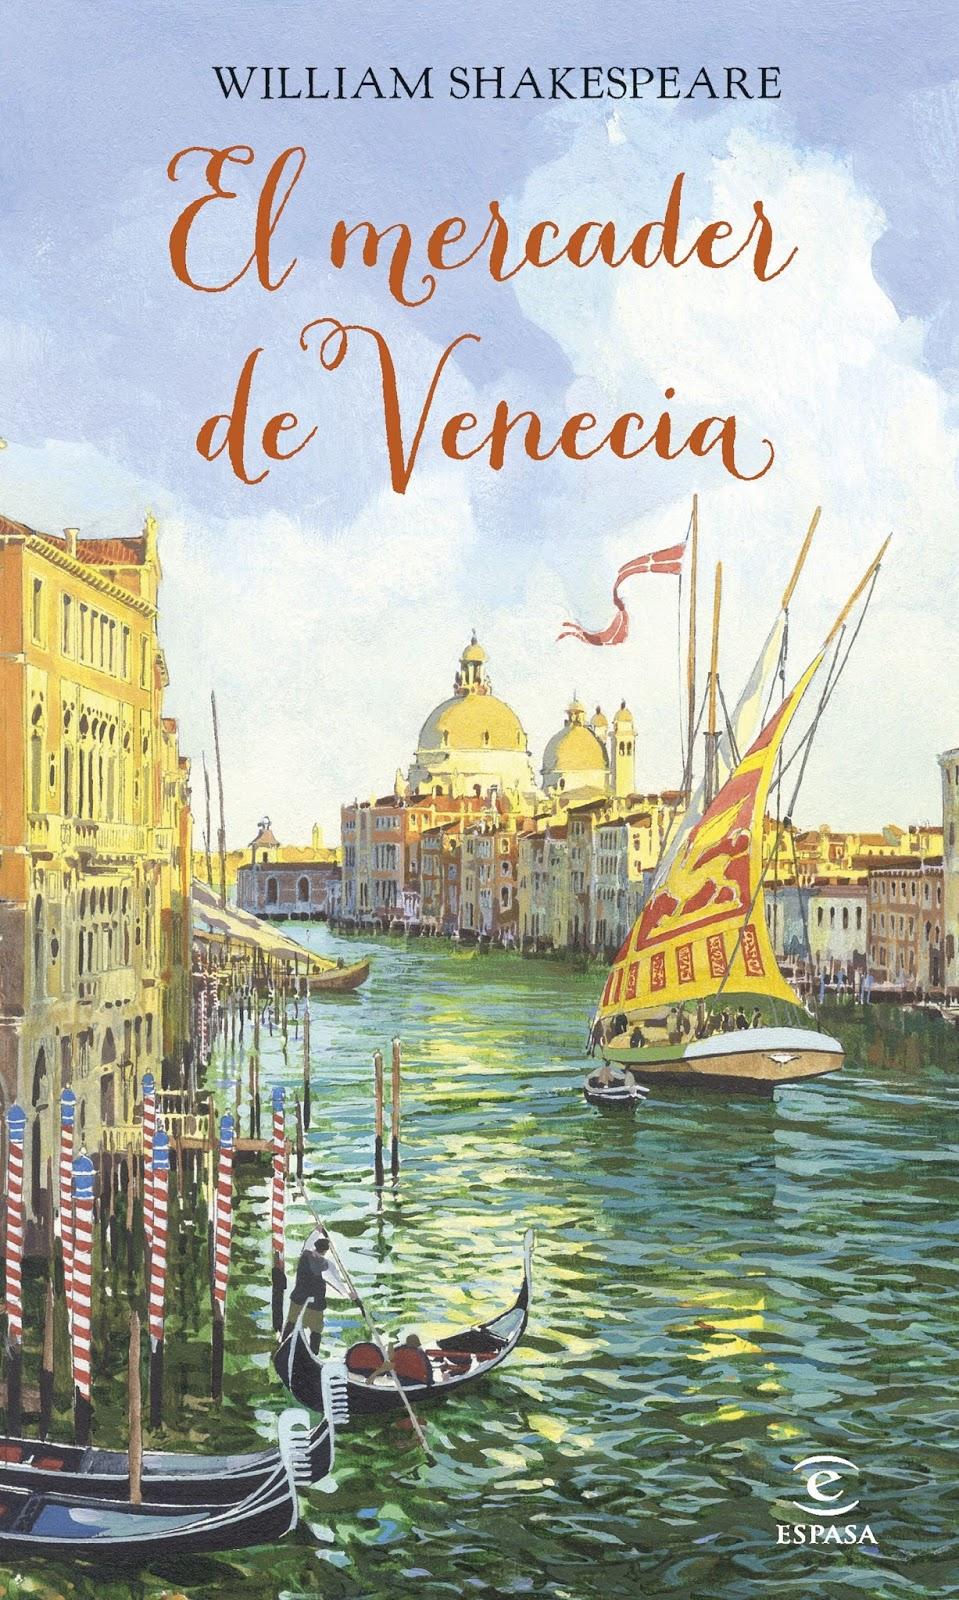 El mercader de venecia de william shakespeare for El mercader de venecia